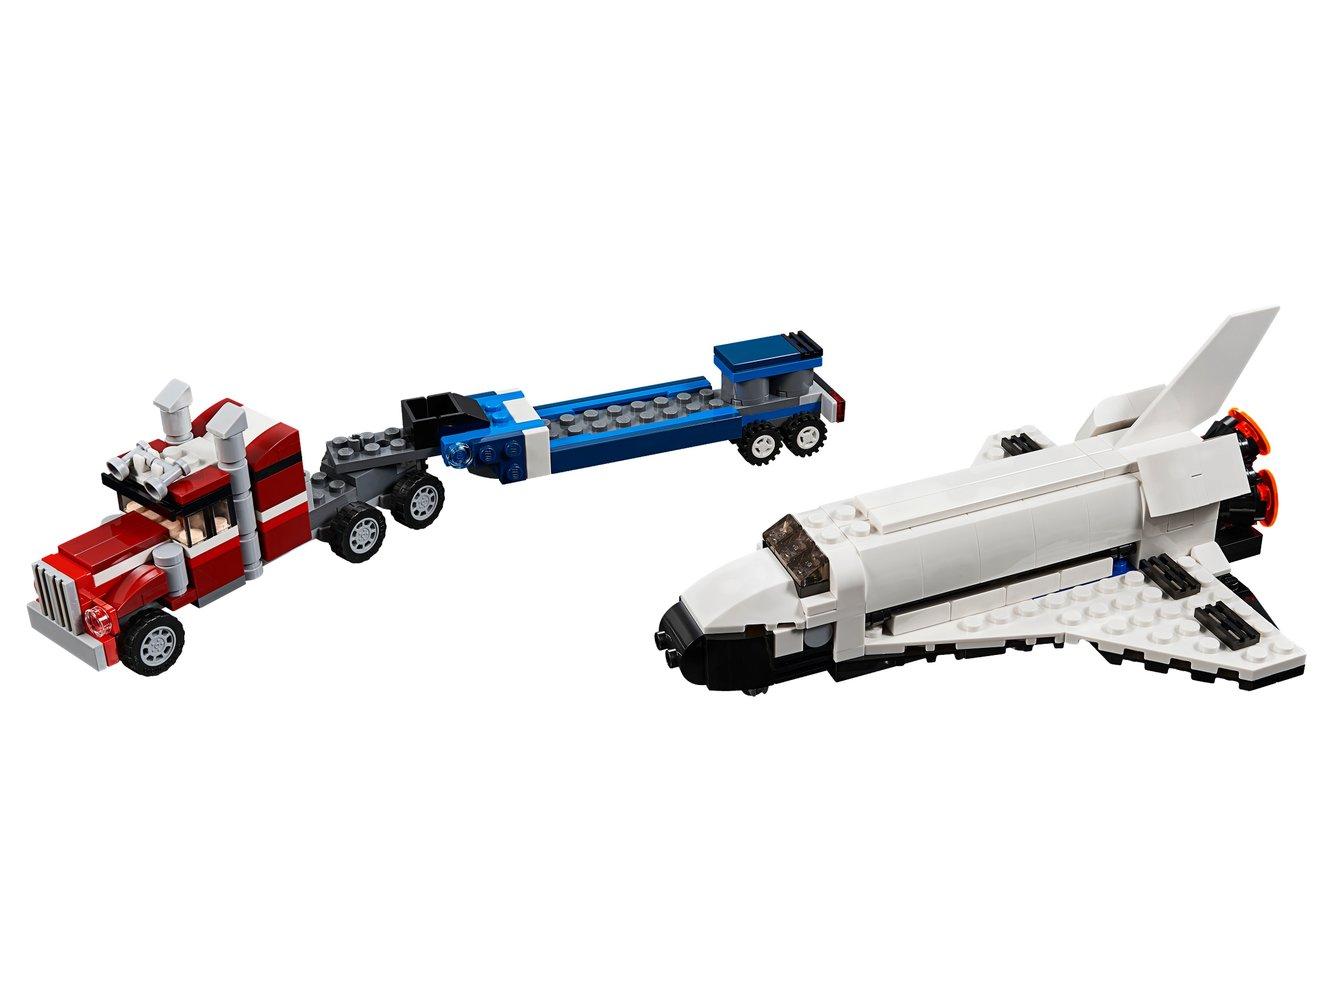 Shuttle Transporter